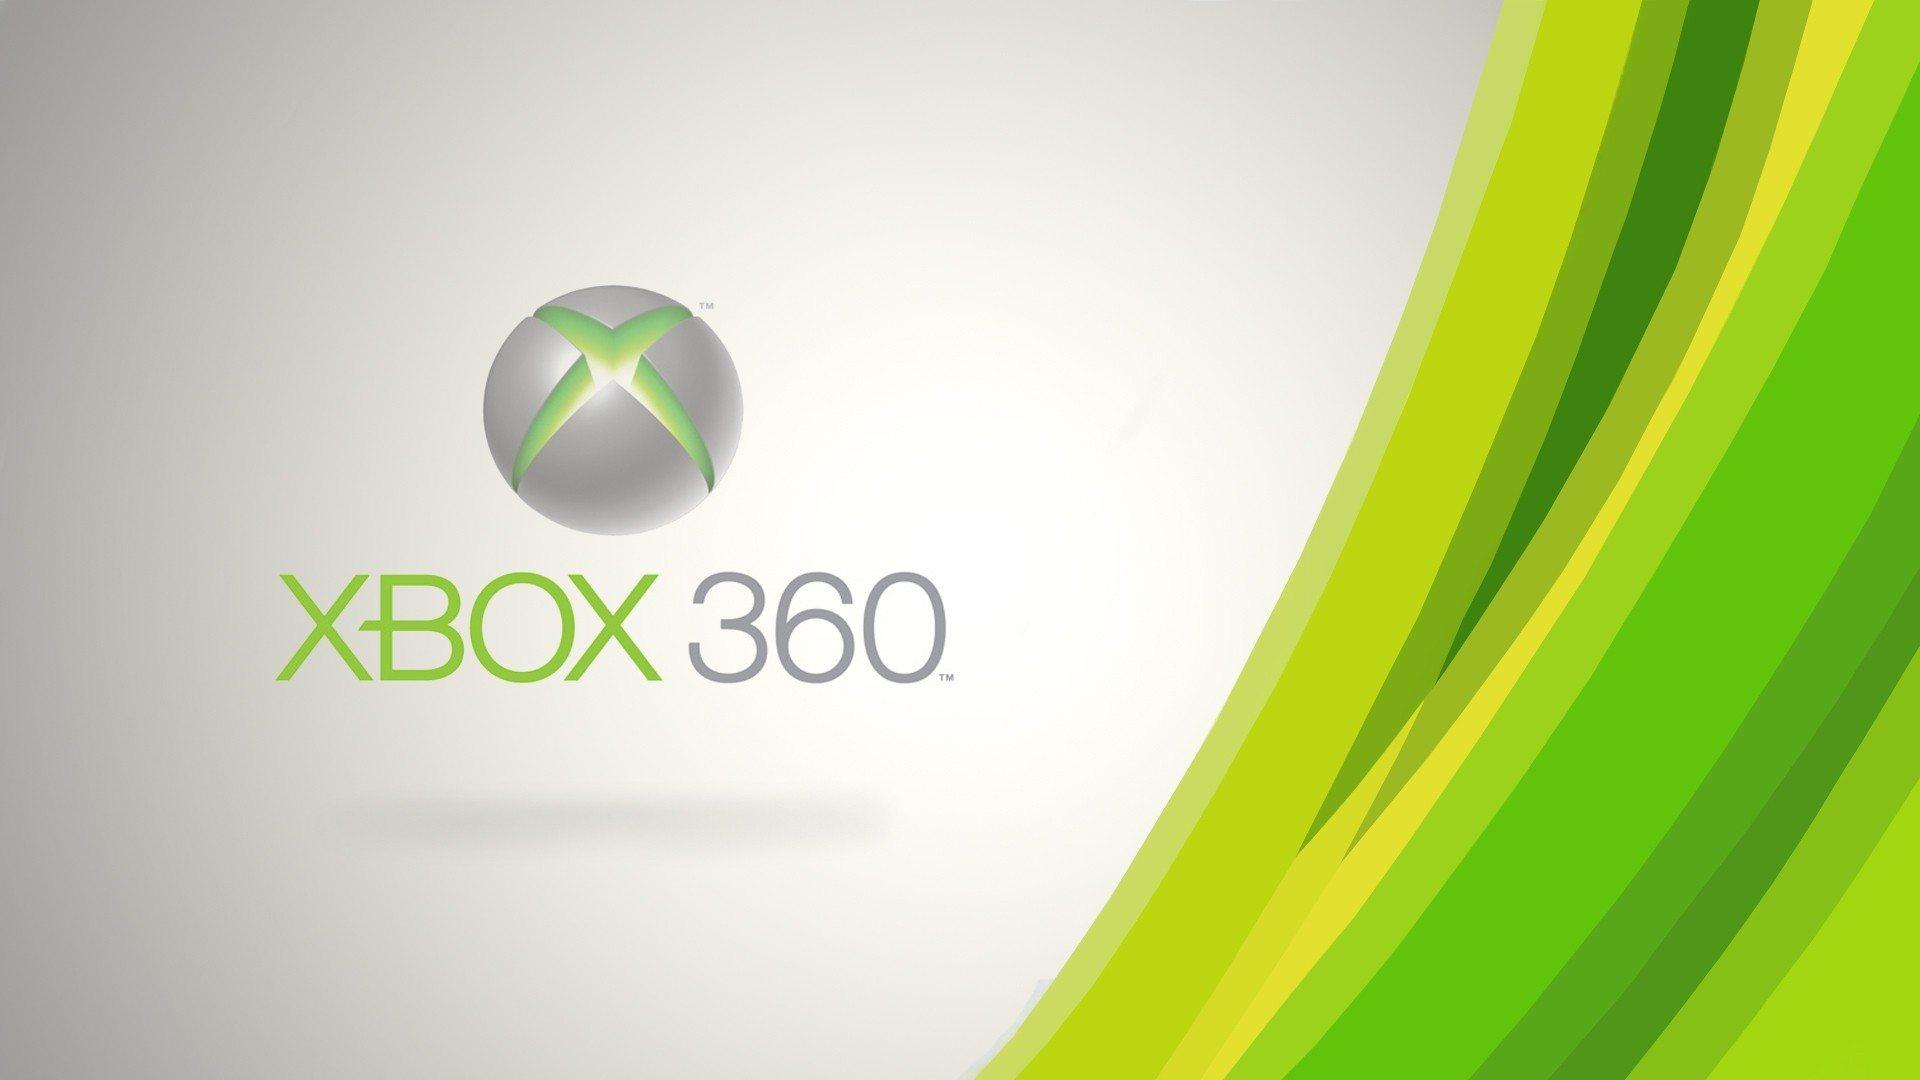 201307Videoole Xbox 360 360 Box Fresh New Hd Wallpaper jpg 1920x1080